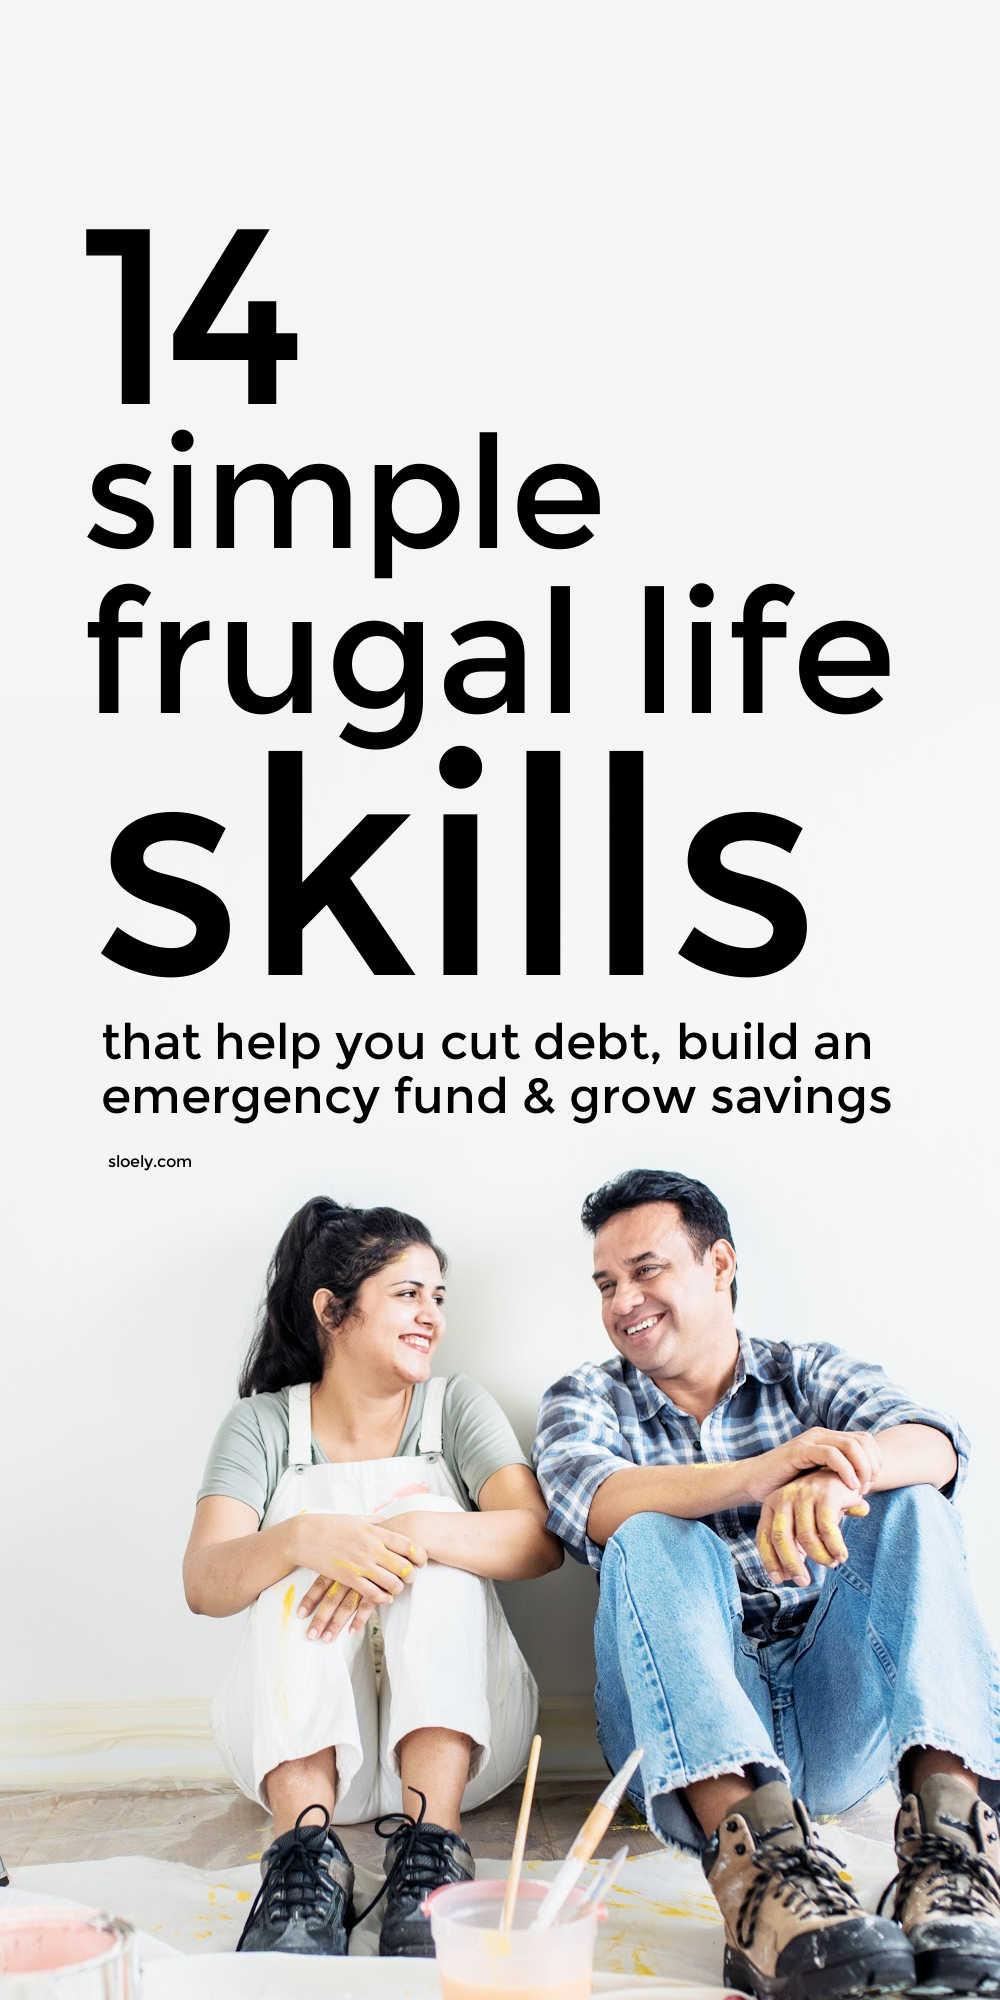 Simple Frugal Life Skills